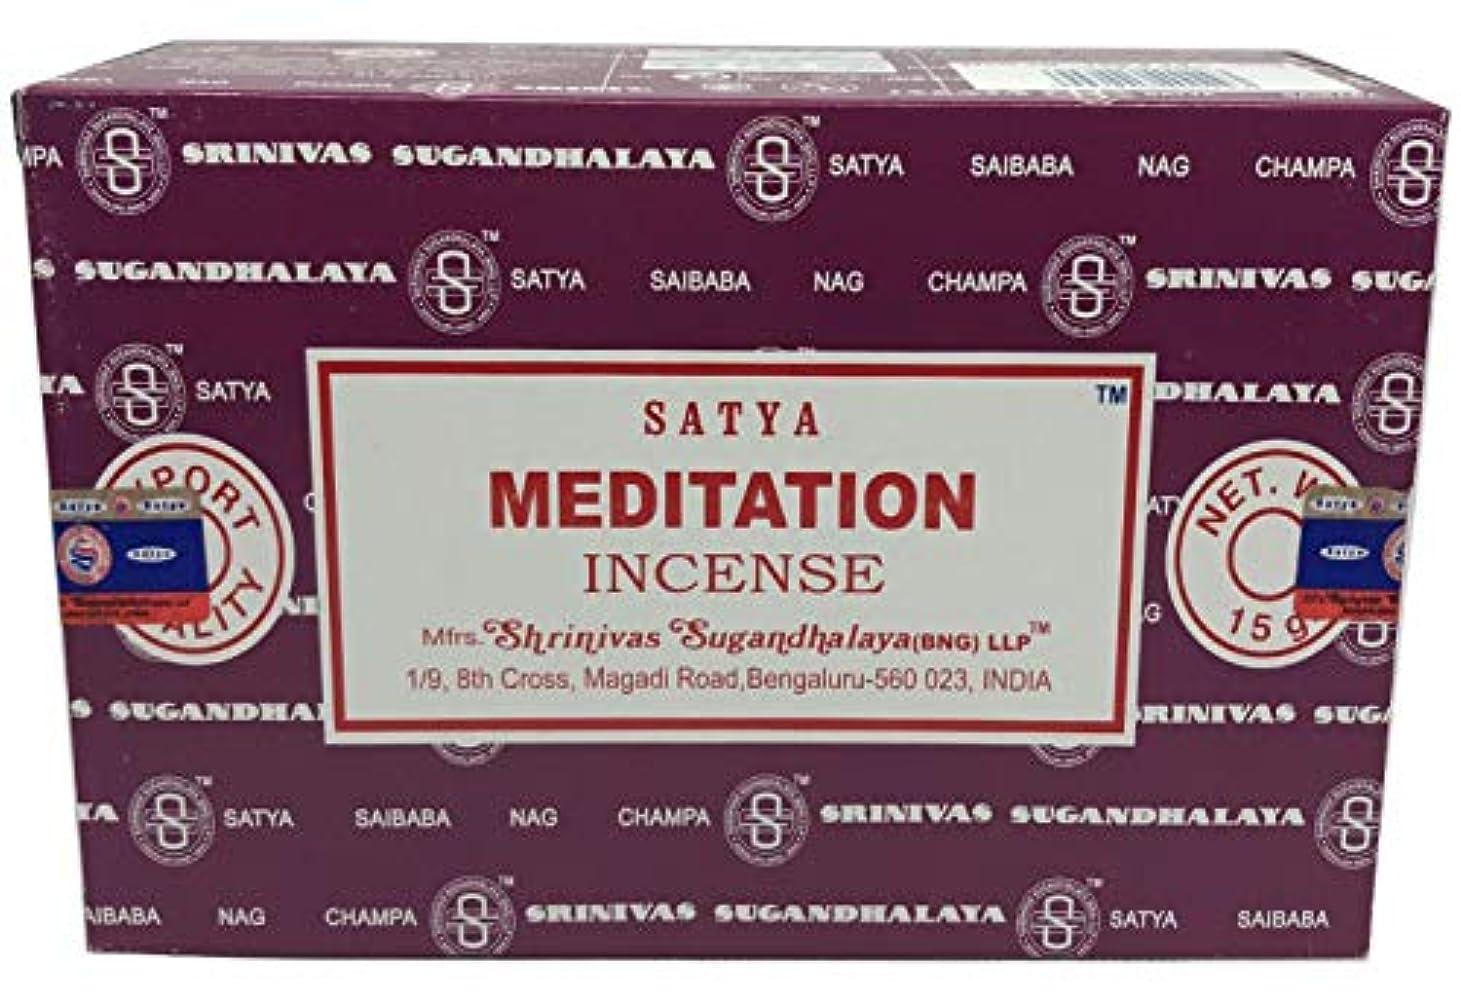 若さフレア家Satya Sai Baba ナグチャンパ 瞑想用お香スティック 12本パック 各15グラム